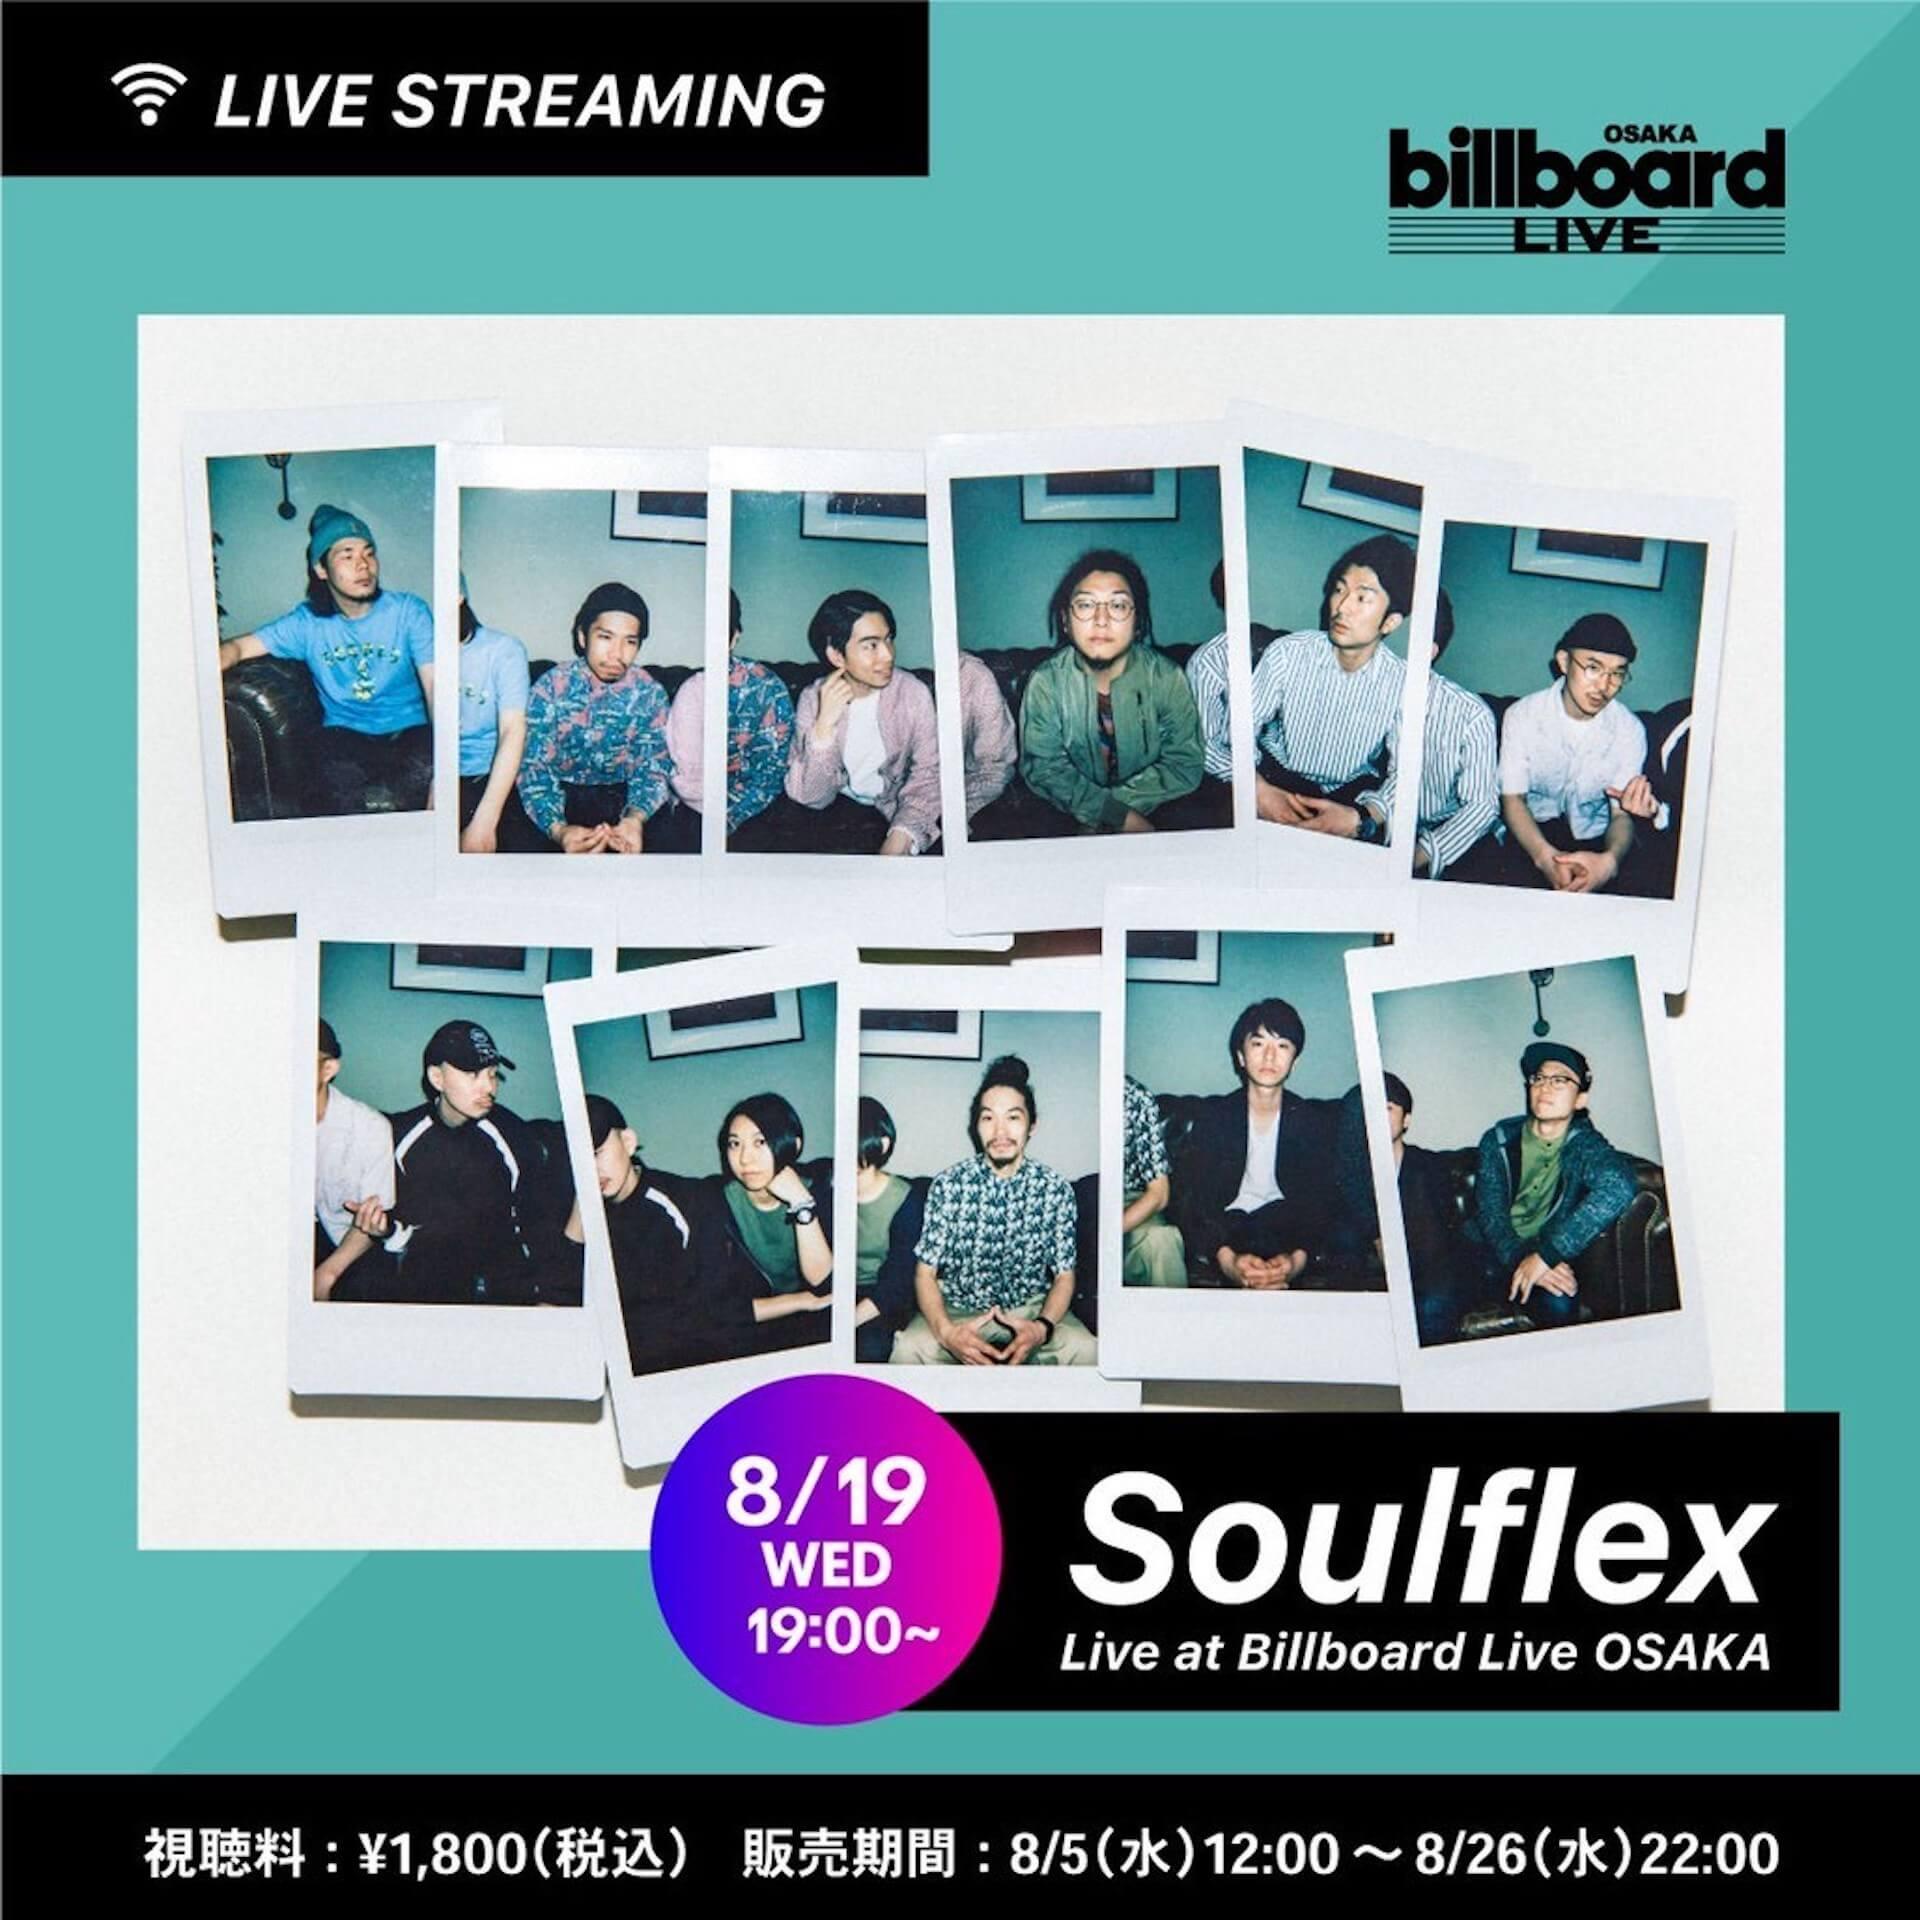 10周年を迎えたSoulflexが、キャリア初の生配信ライブをビルボードライブ大阪で開催決定! music20200805_soulflex2